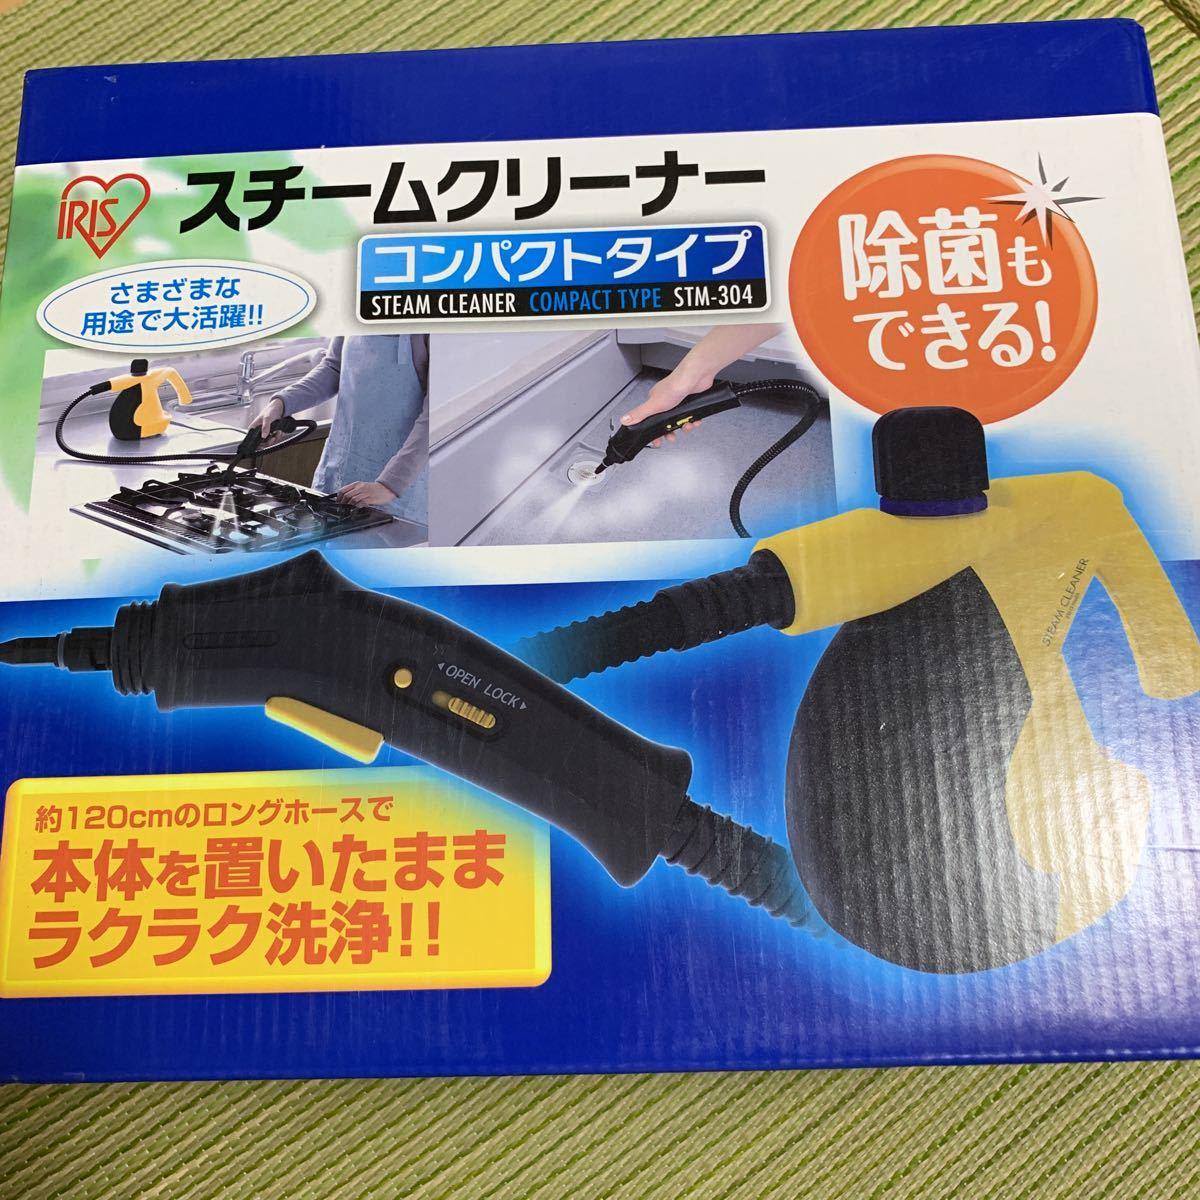 送料無料 アイリスオーヤマ スチームクリーナー コンパクトタイプ STM-304